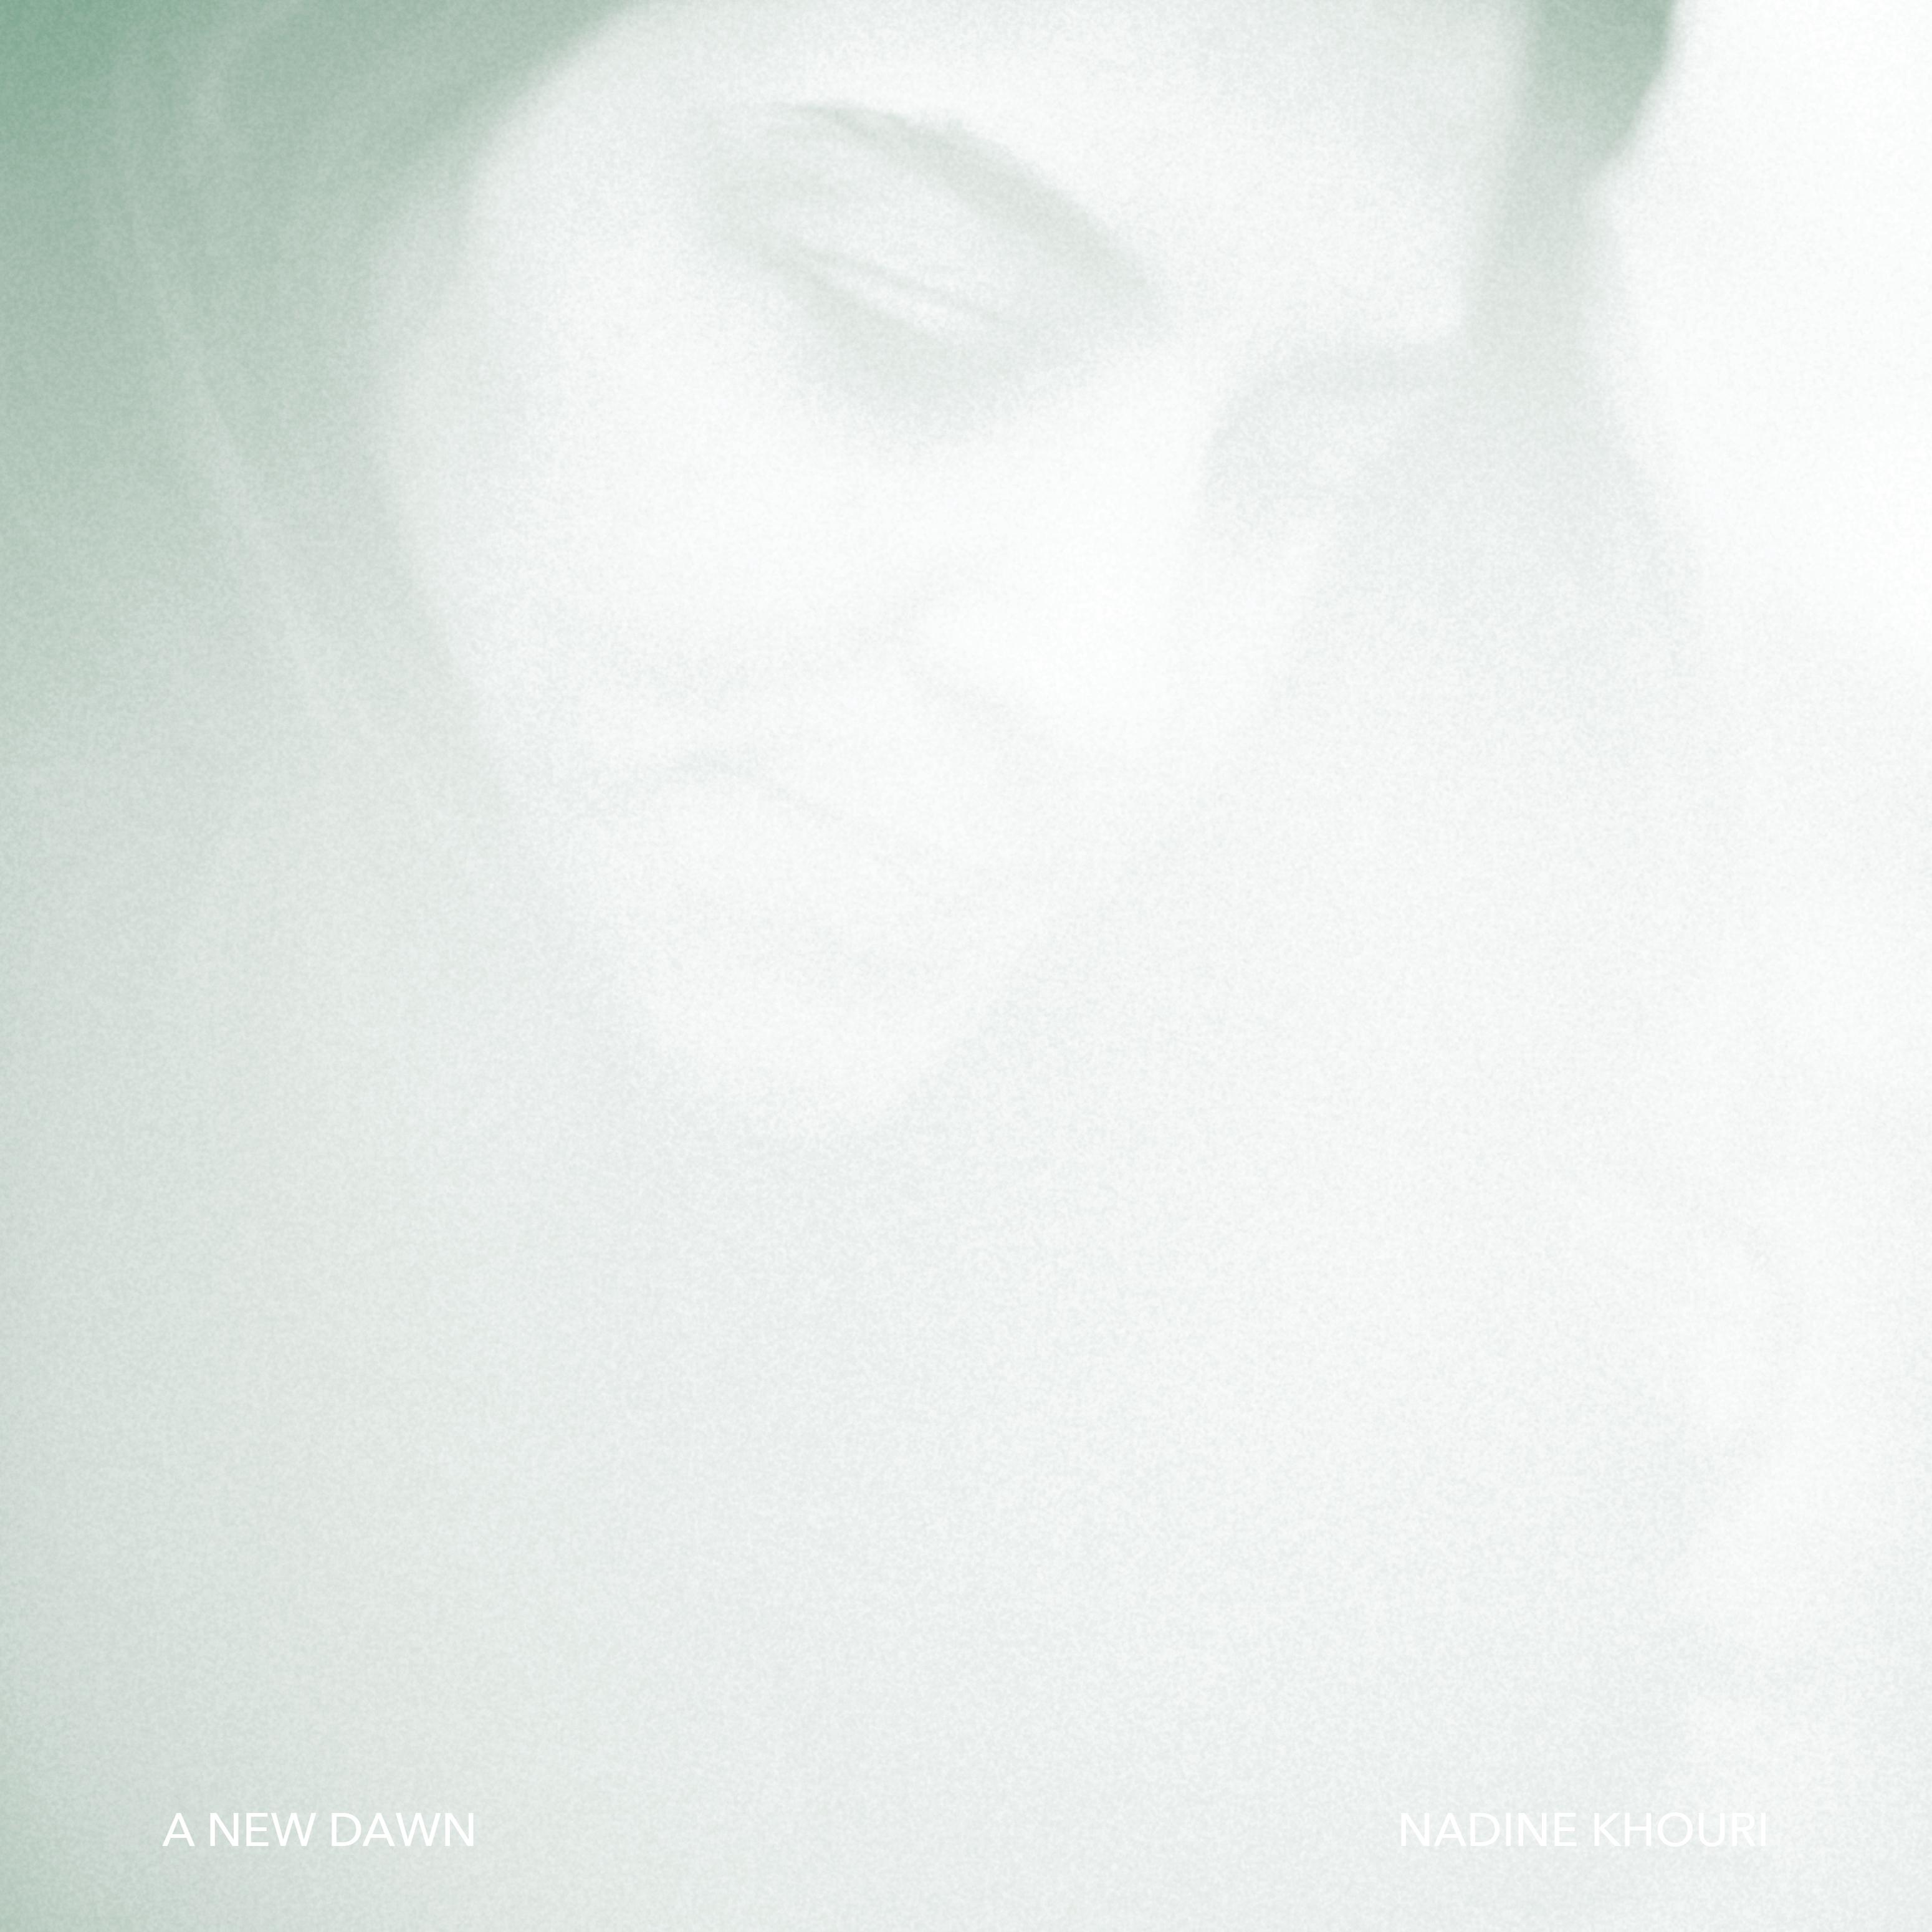 A New Dawn (EP | 10″, CD, Digital)